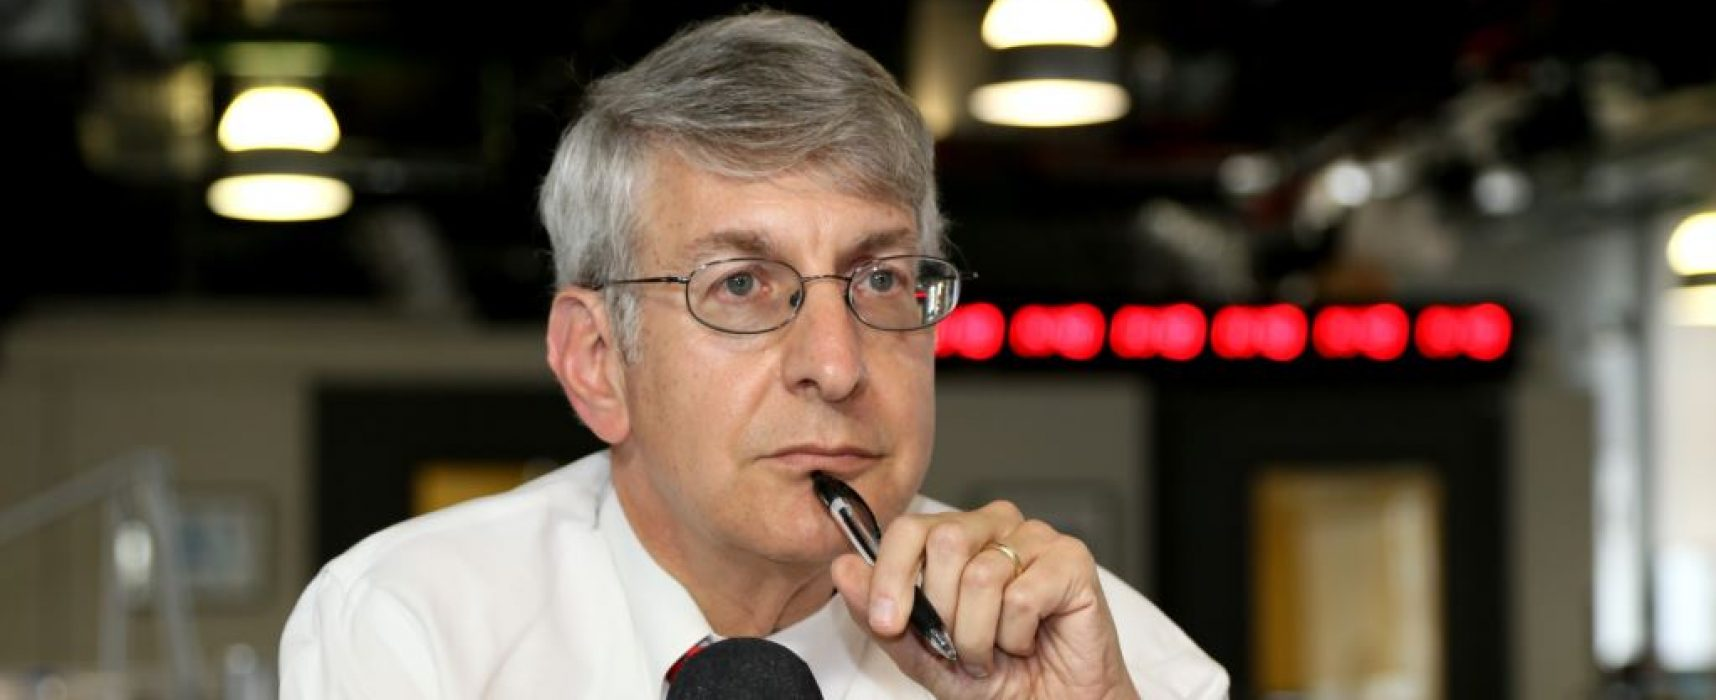 Prezes RWE/RS: nazywanie pracy dziennikarzy zdradą ojczyzny jest zamachem na ich bezpieczeństwo i zawód